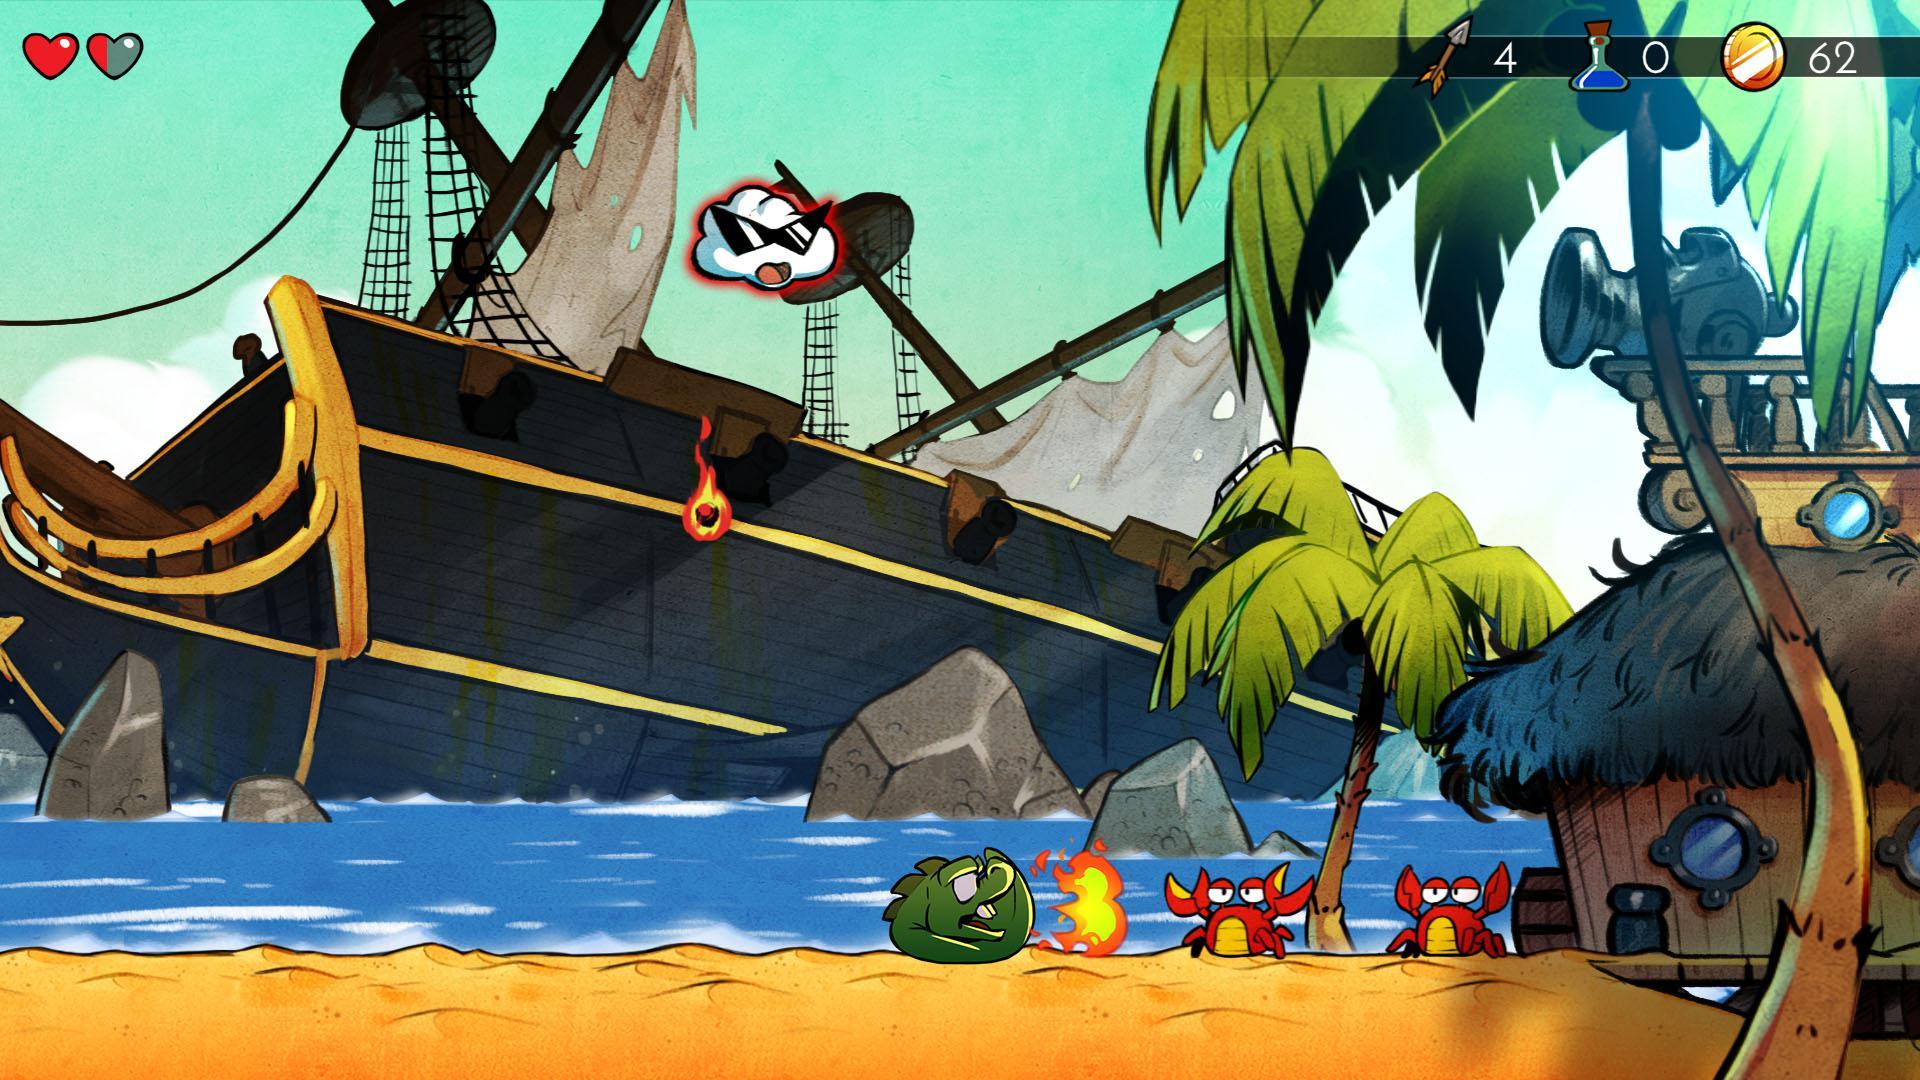 《神奇小子》:游戏进化史般的教科书式游戏